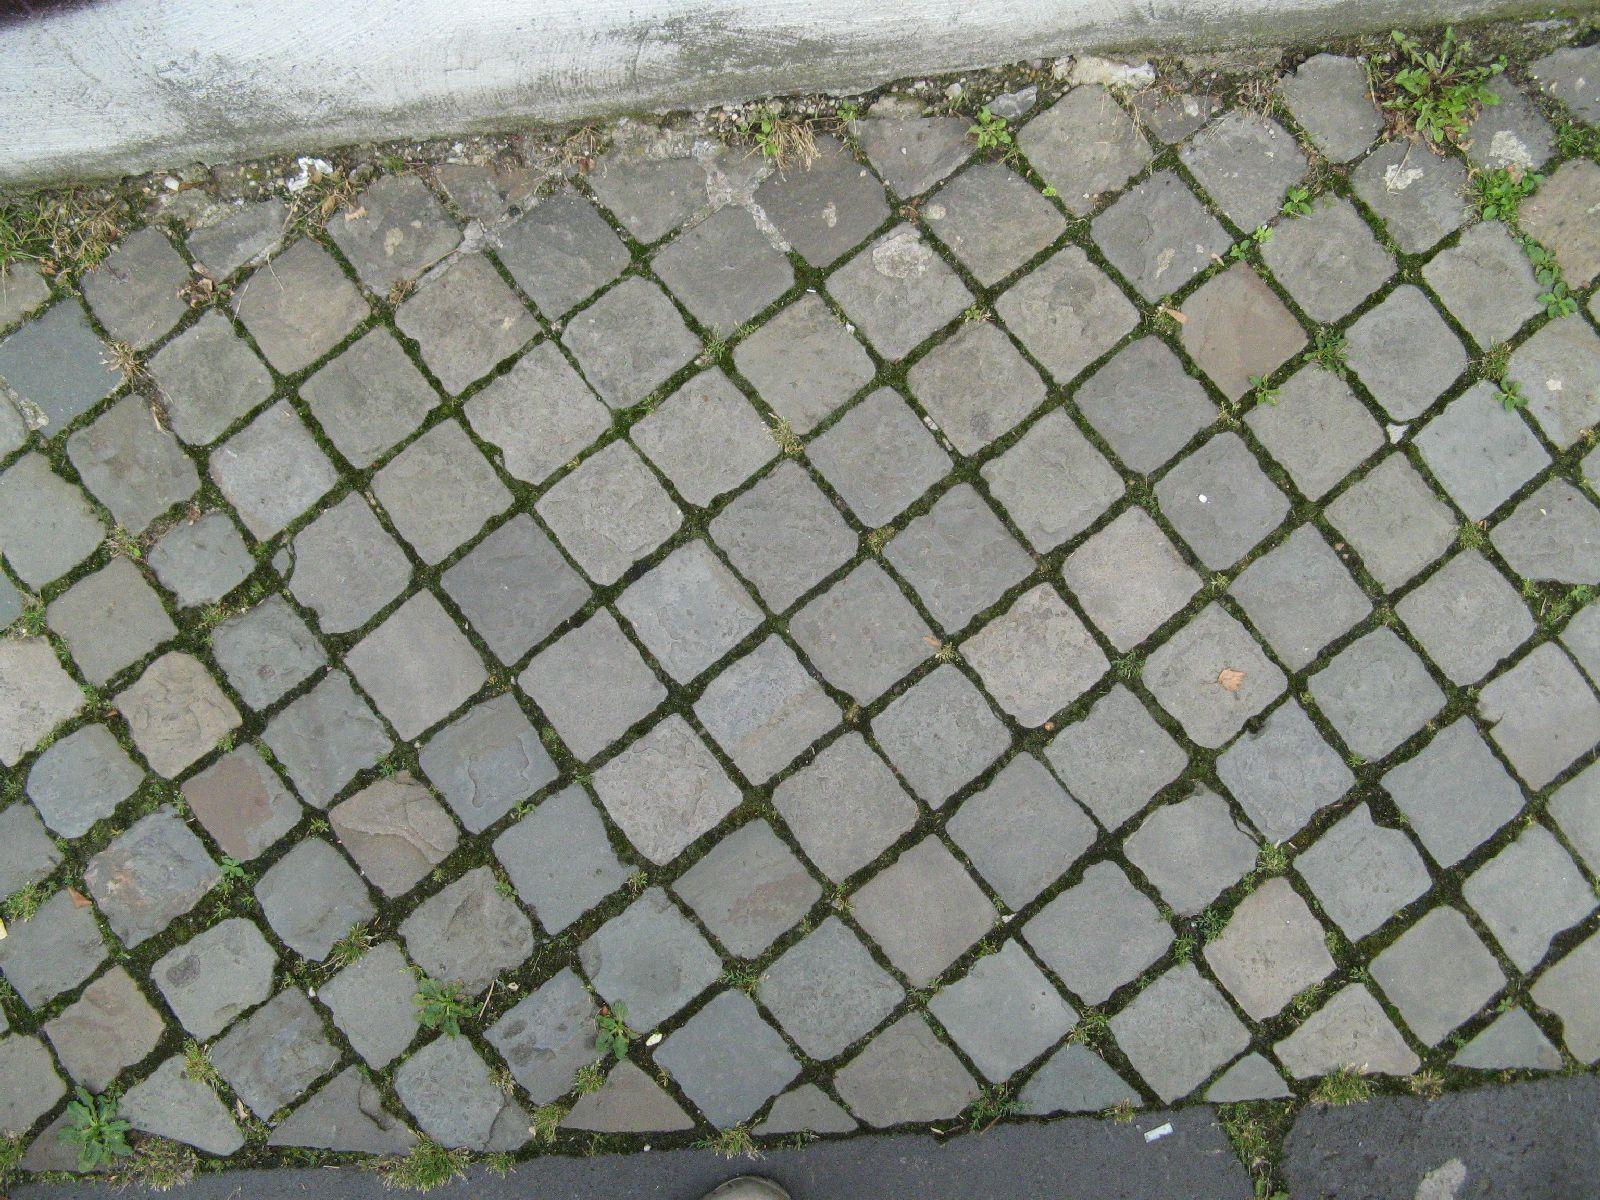 Boden-Gehweg-Strasse-Buergersteig-Textur_B_1099